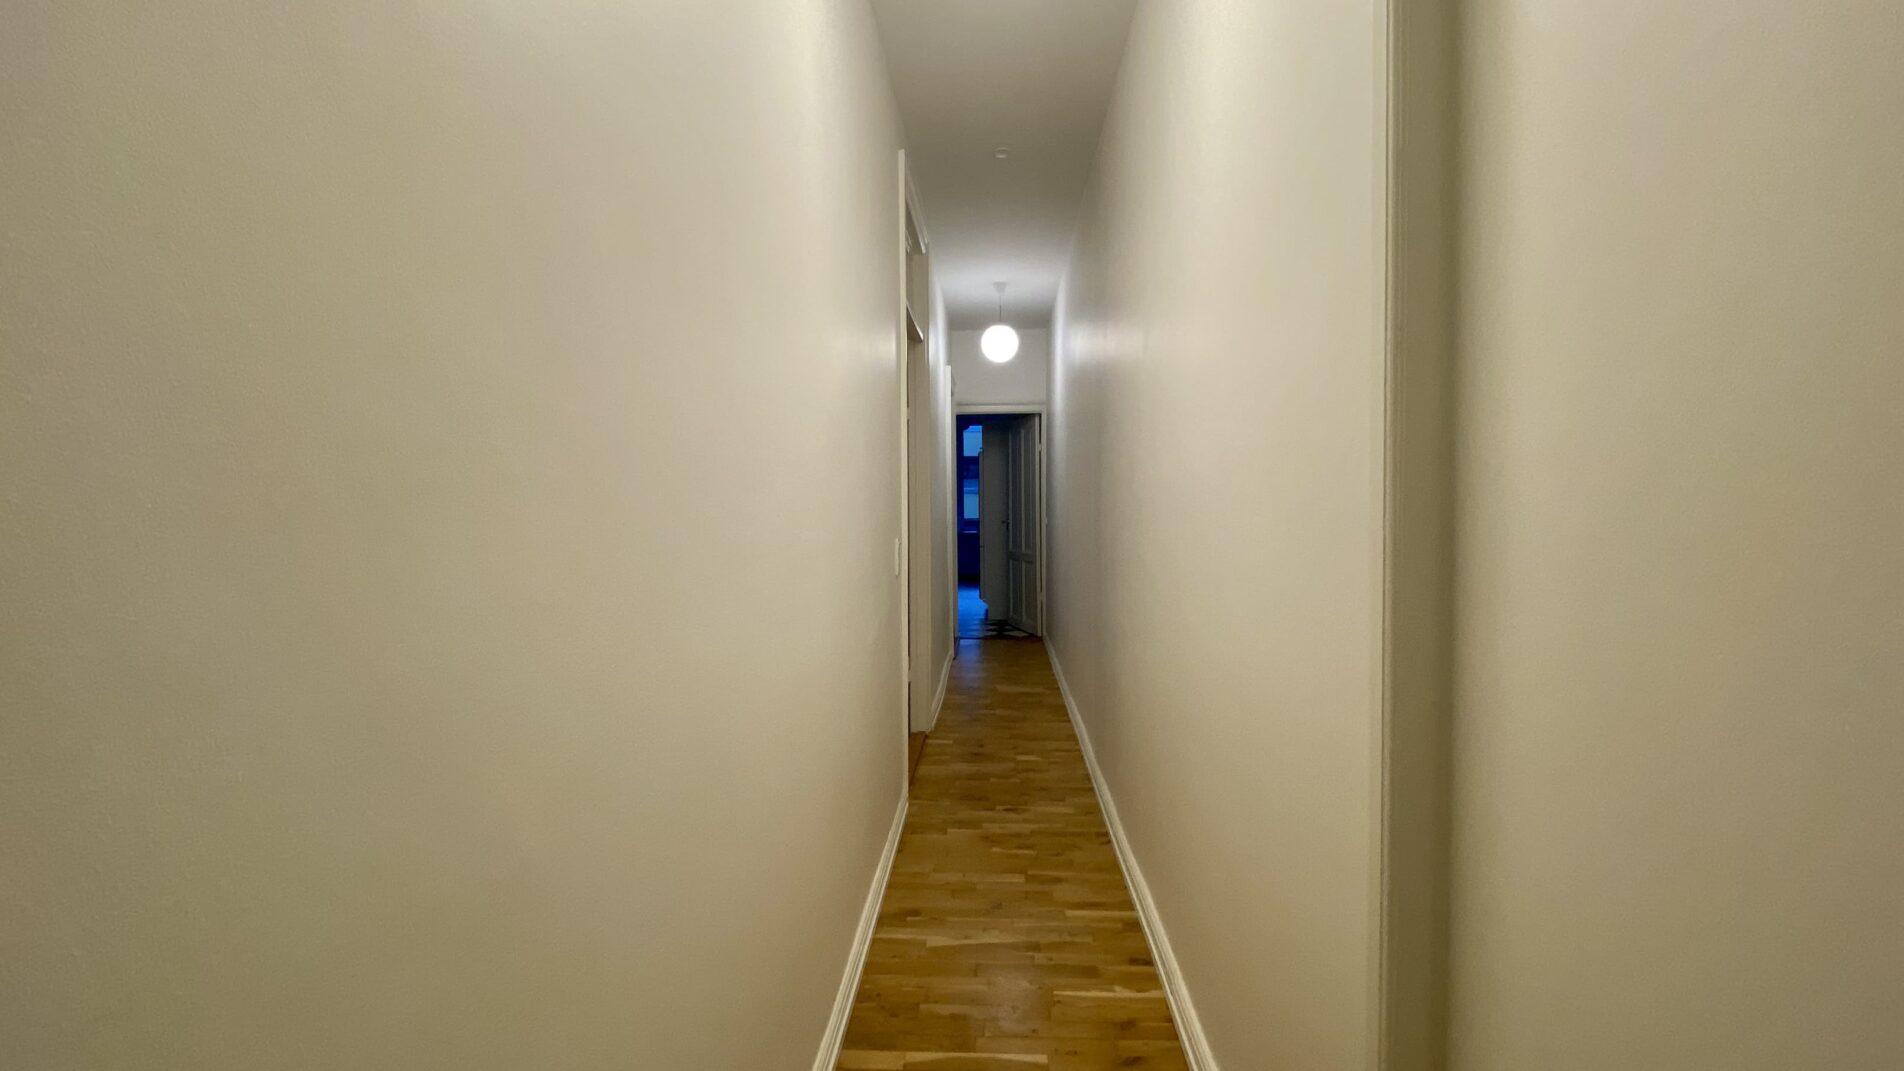 Hallway-1904x1071